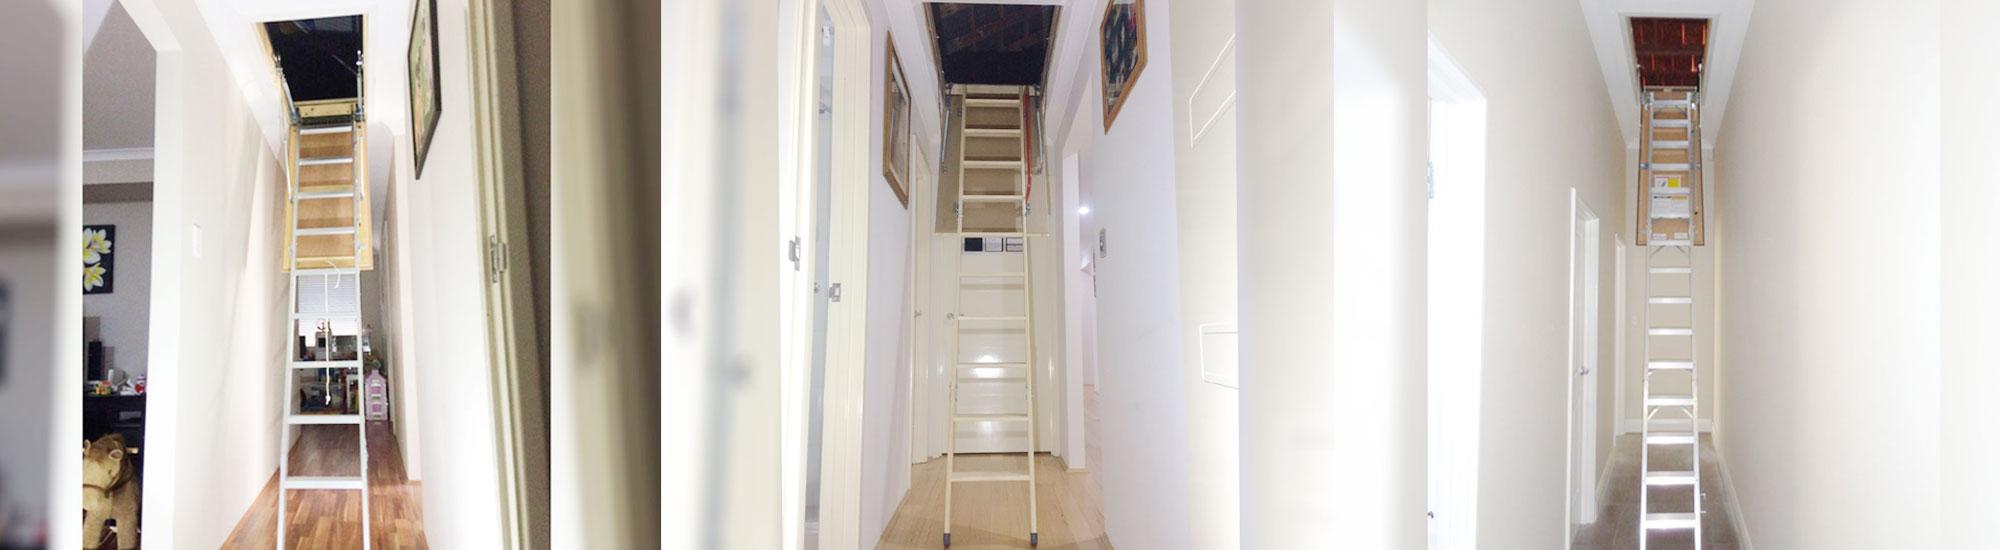 slide-ladder-10